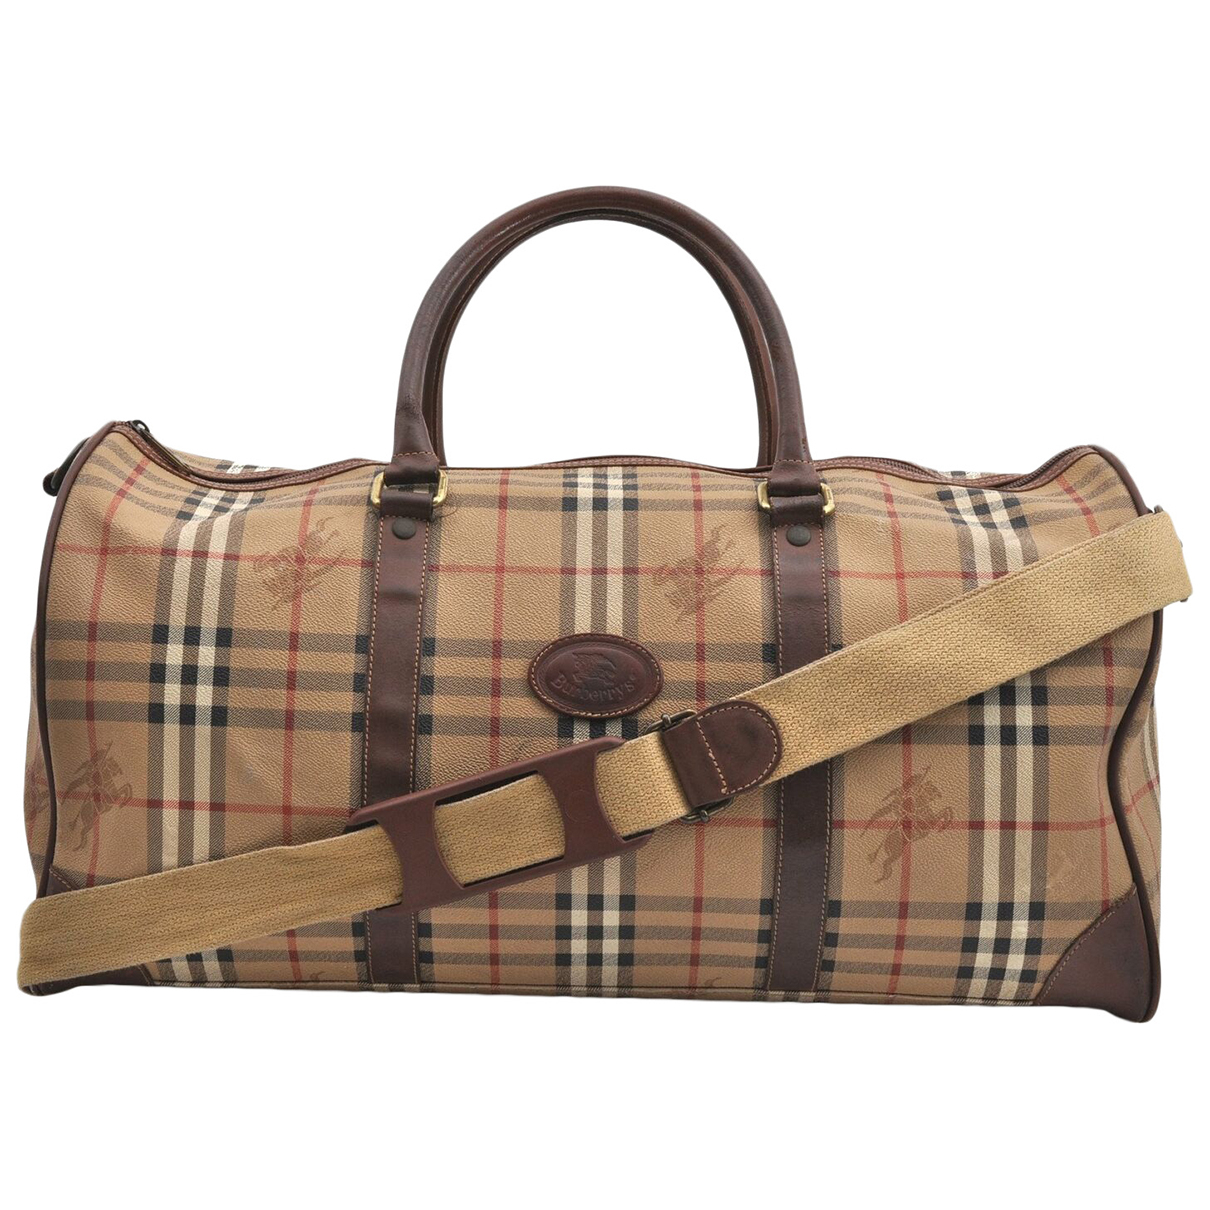 Burberry - Sac de voyage   pour femme en cuir - marron